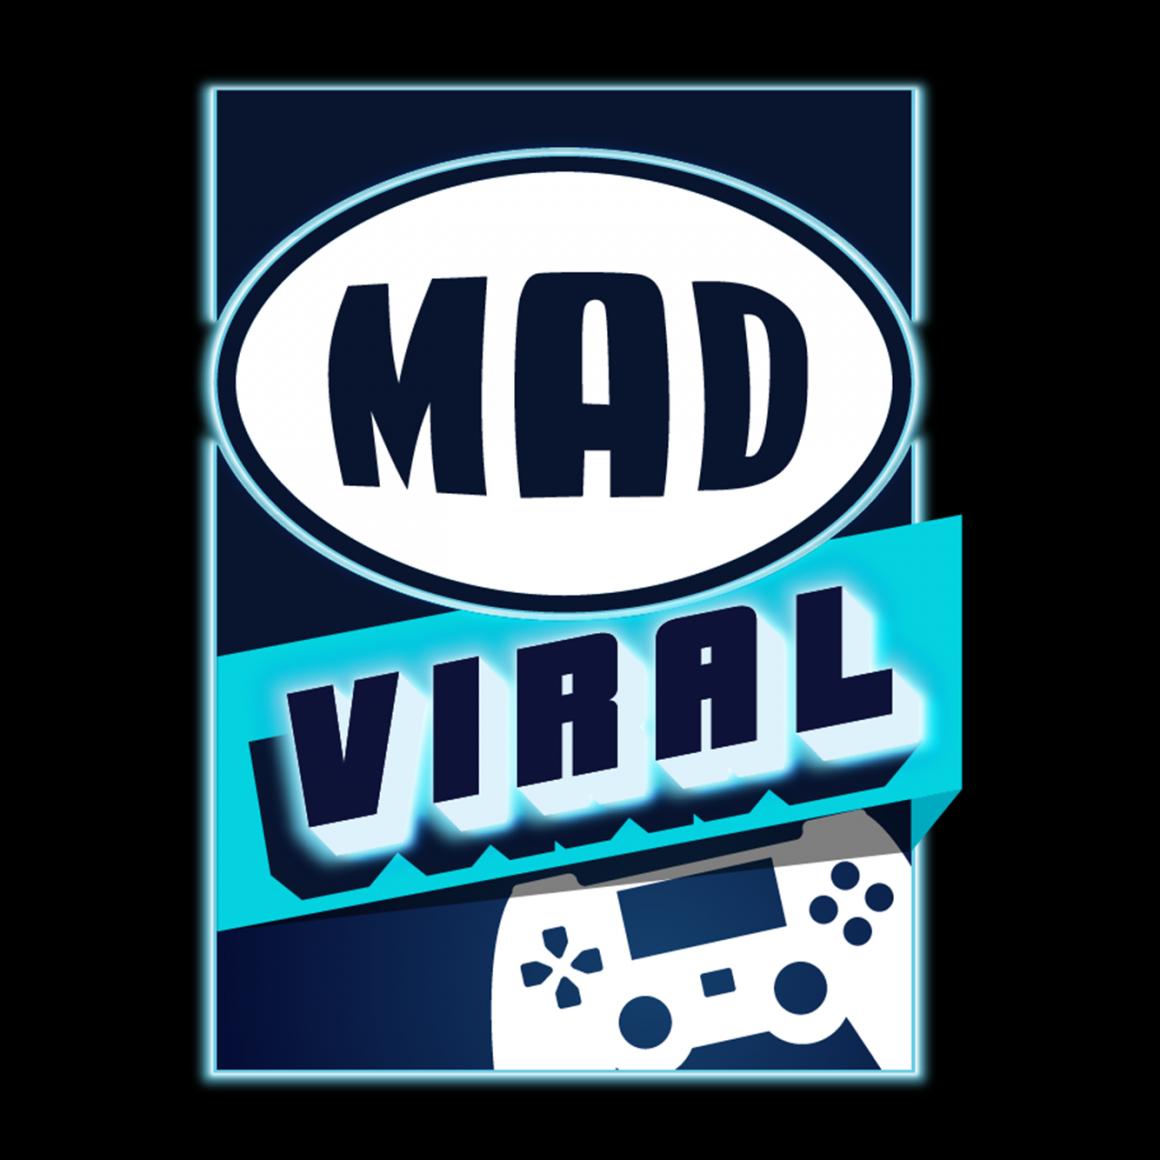 """6 ημέρες, 6 ώρες μέχρι όλα να γίνουν μαύρα! Όχι, δεν έρχεται η καταστροφή του κόσμου. Έρχεται... η Black Friday και φέτος, το Mad Viral είναι έτοιμο να γιορτάσει με ένα αφιέρωμα στους πιο δυνατούς Game Masters. Από τις 20 έως και τις 30 Νοεμβρίου το Mad Viral εκπέμπει δυνατά, αποκλειστικά μέσα από την πλατφόρμα της Cosmote TV και σου συστήνει τον κόσμο των video games με τους δικούς του """"παίχτες"""". Το σήμα του καναλιού θα αλλάξει με σύγχρονα, neon γραφικά που θα θυμίζουν το καλύτερο video game της χρονιάς, ενώ οι ζώνες «Game Masters» και «Weekend Games» θα είναι γεμάτες με ατελείωτες ώρες παιχνιδιού από τους καλύτερους gamers του Ελληνικού YouTube, και θα κλέψουν τις εντυπώσεις. Είτε είσαι newbie, είτε ο απόλυτος player, τα σκίτσα της Αναστασίας Παπαδάτου aka """"Cece bo"""" θα σε εντυπωσιάσουν. Η Αναστασία δηλώνει περήφανη αντιπρόσωπος της γενιάς Ζ, είναι animator, ασχολείται με το YouTube: με τη σειρά """"φλώρος, χάρηκα"""", με το Comedy Lab ενώ είναι και περήφανη gamer, κάνοντας live streams ως μέλος του GameLabGR. Καθημερινά μέσα από τα social media του Mad παρουσιάζει με τον πιο χιουμοριστικό τρόπο τα expectations vs reality της ζωής των gamers. Double tap και θα ταυτιστείς μαζί τους! Κάνε follow τα social media του Mad. Εκεί θα βρεις καθημερινές προτάσεις από youtubers και celebrities που έρχονται να αποκαλύψουν το δικό τους αγαπημένο videogame. Πολλές και ξεχωριστές οι φετινές επιλογές, στην Black Friday της...καραντίνας. Συντονίσου στην πλατφόρμα της Cosmote TV και στο κανάλι του Mad Viral (θέση 602) αλλά και σε όλα τα social media του Mad για να είσαι πάντα μπροστά."""